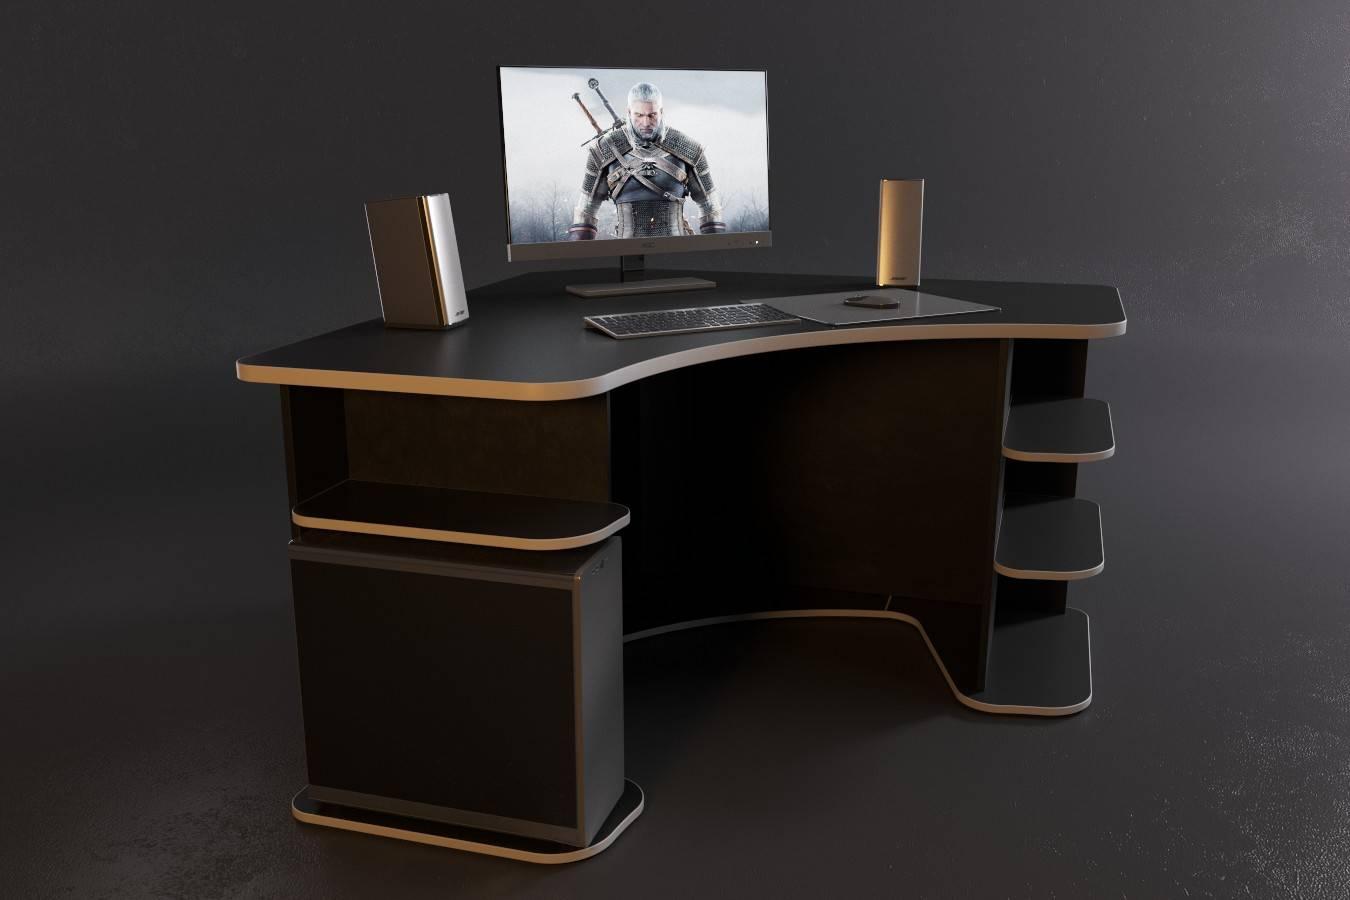 Игровые столы для пк: лучшие геймерские столы